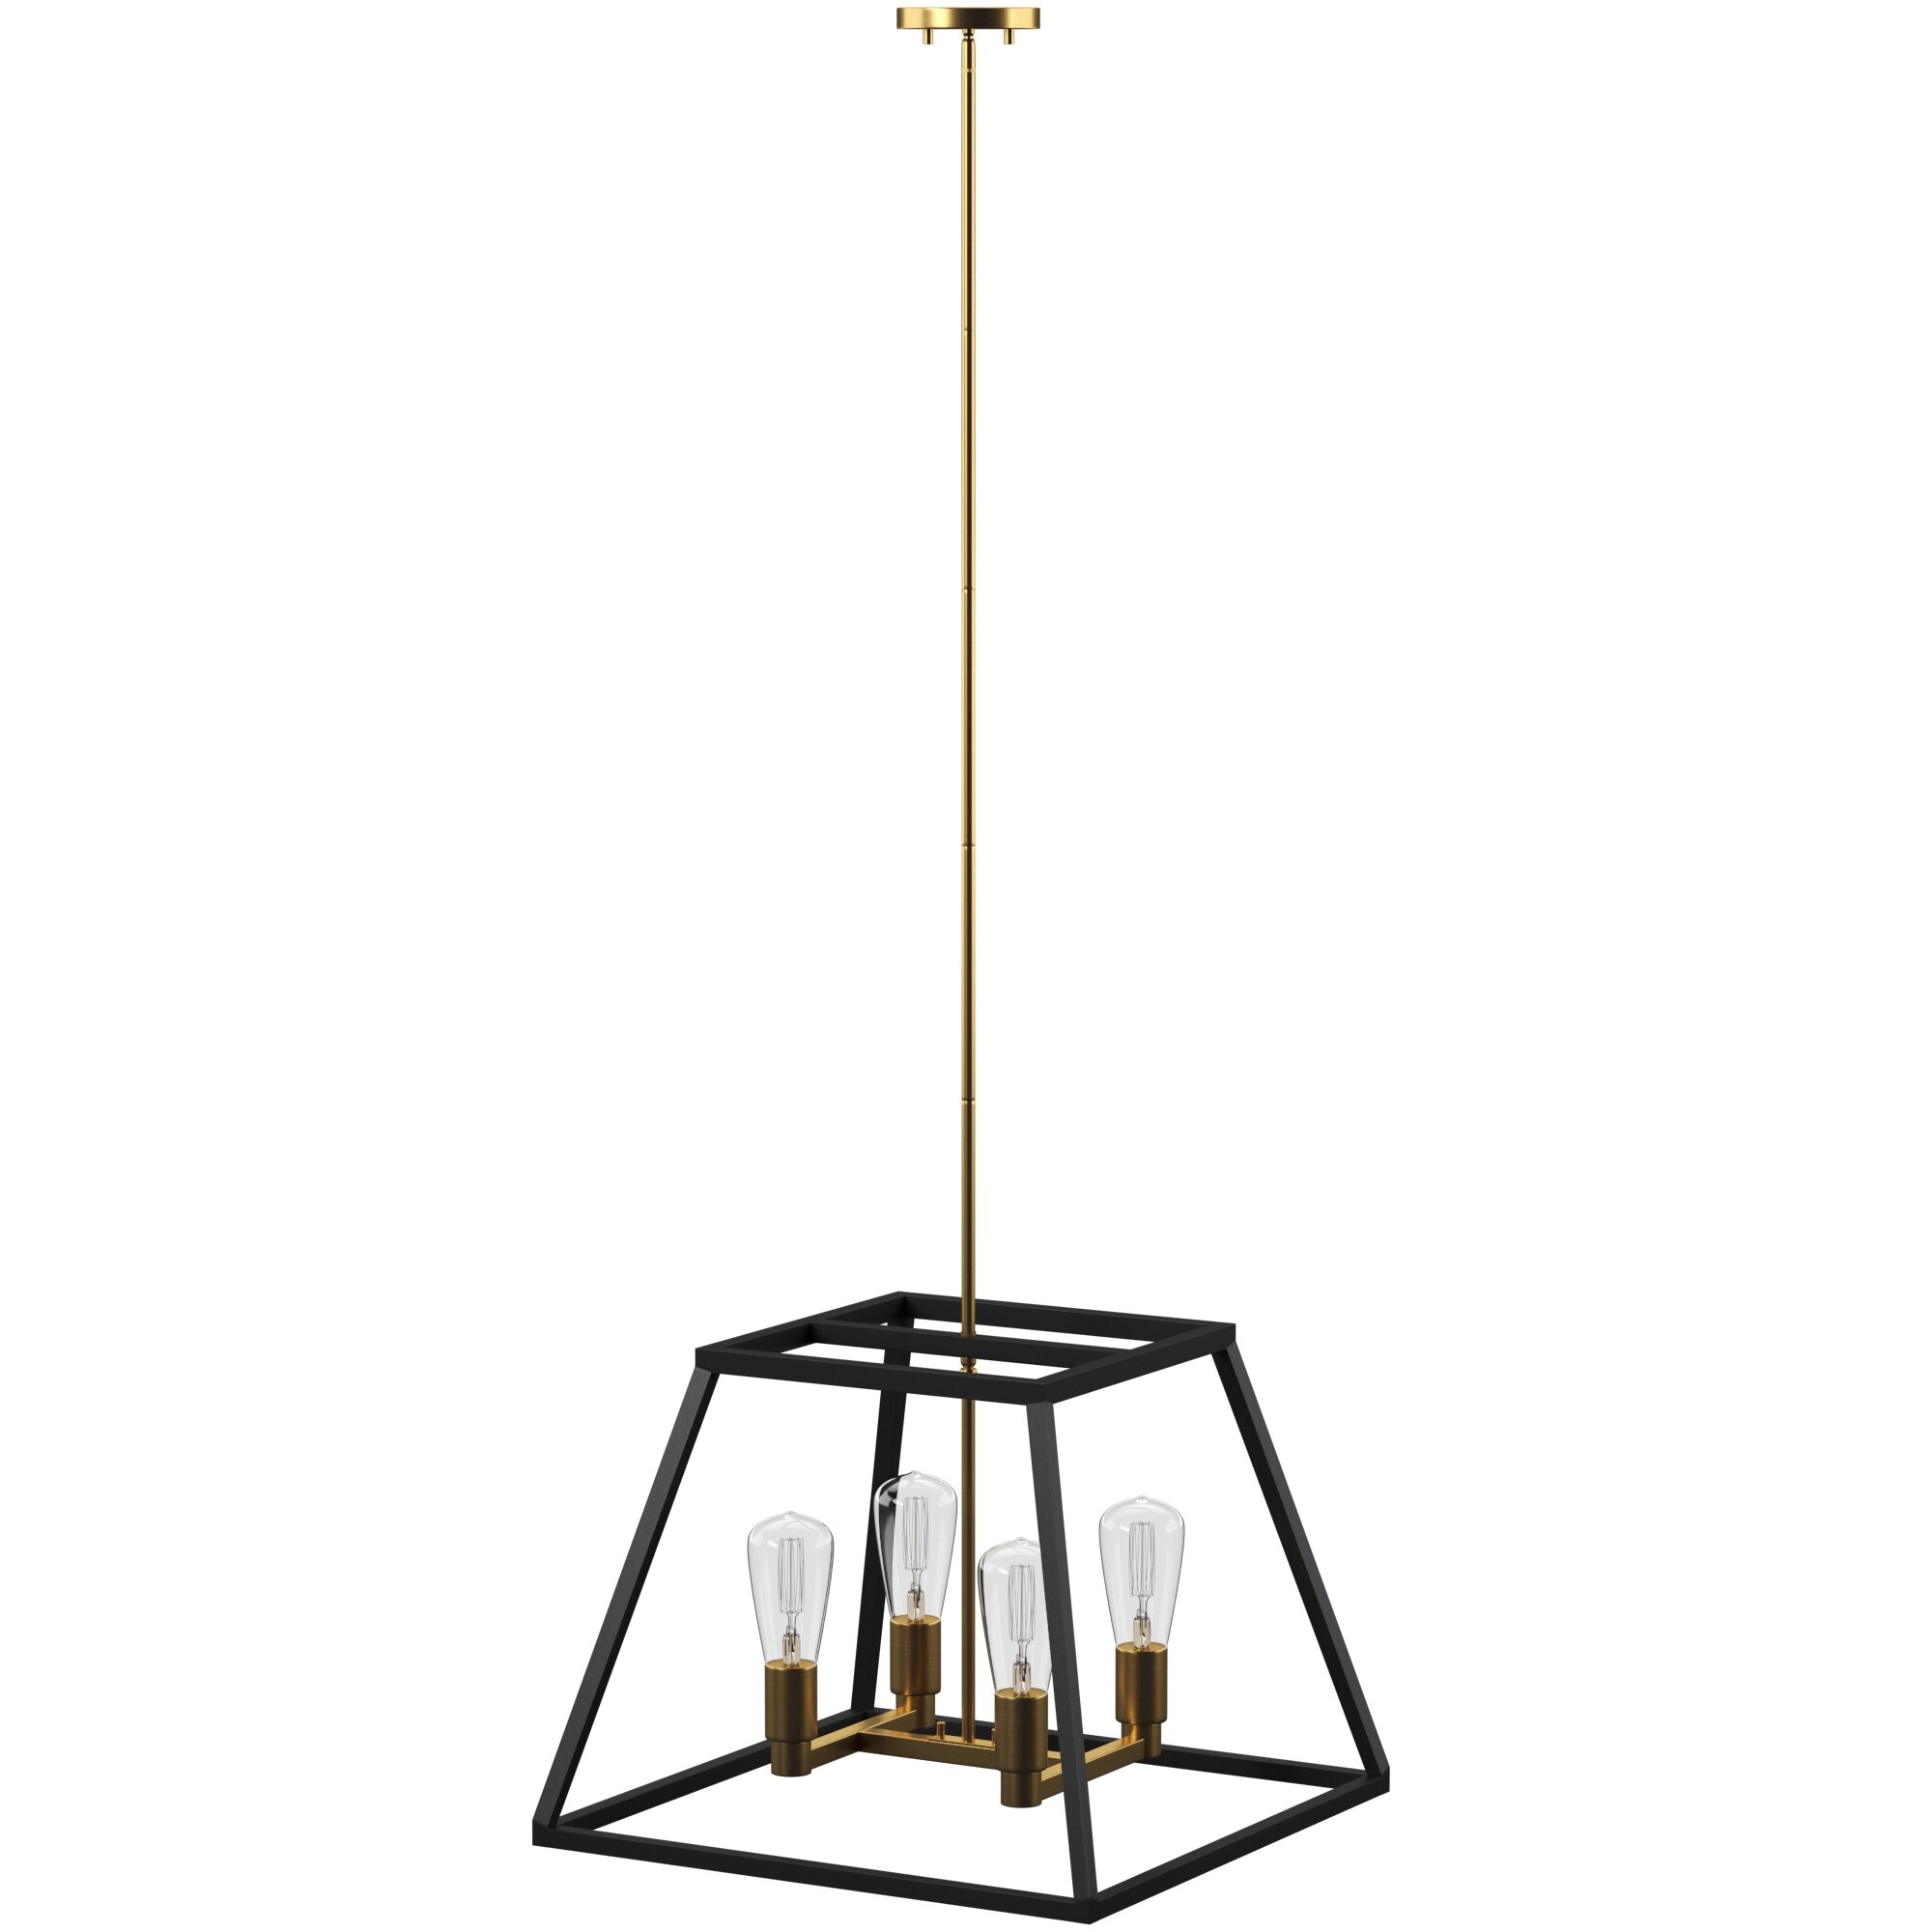 Modern & Contemporary Craftsman 4 Light Chandelier | Allmodern Regarding Kierra 4 Light Unique / Statement Chandeliers (View 22 of 30)